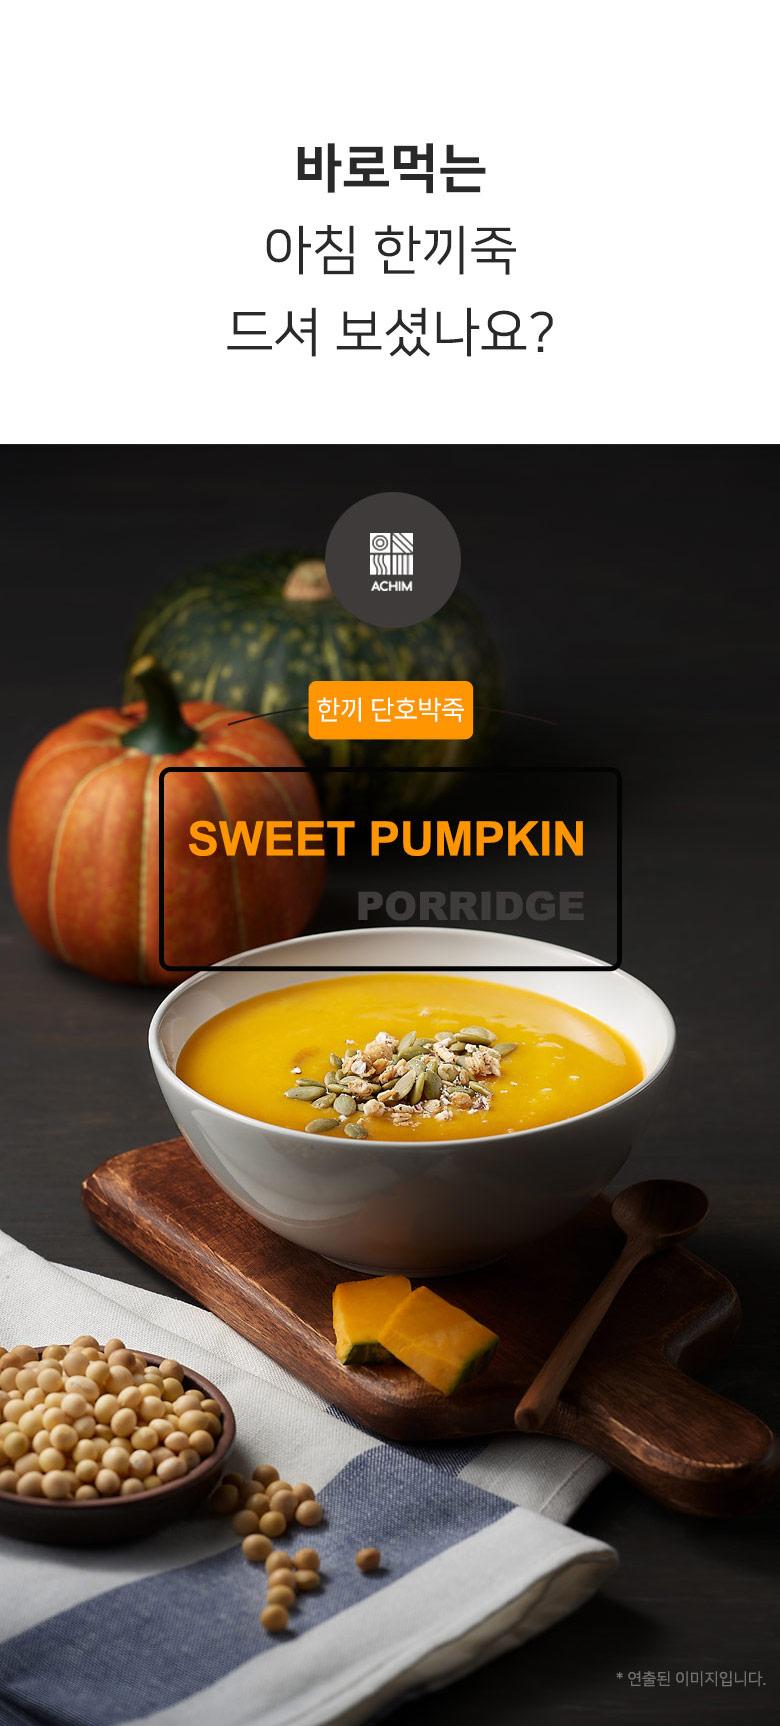 achim_sweetpumpkin_porridge_02_shop1_174950.jpg